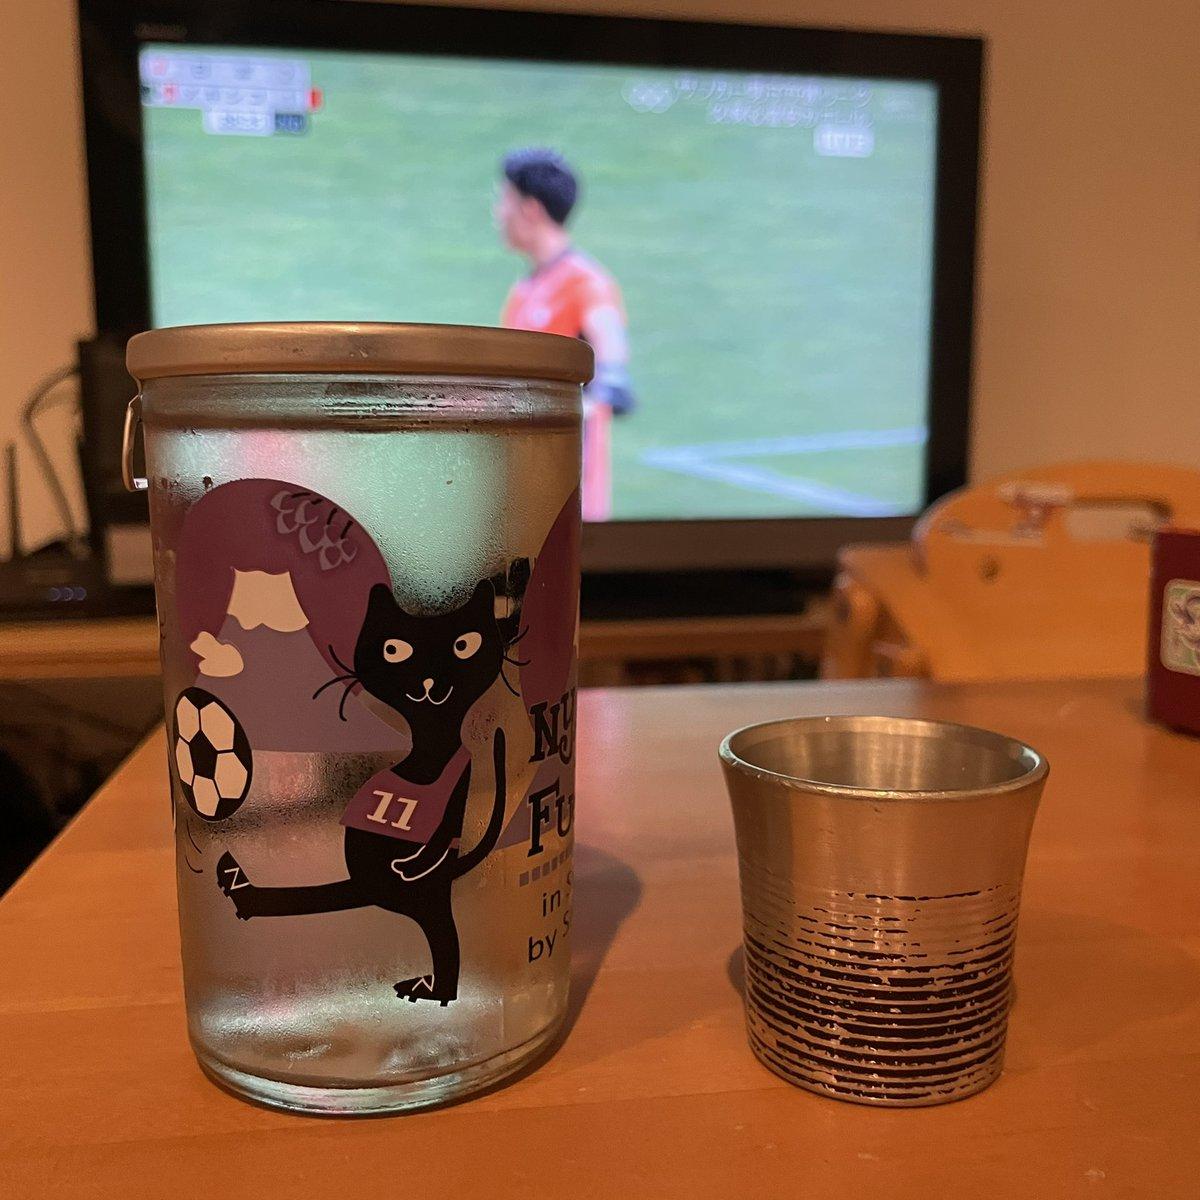 test ツイッターメディア - にゃんかっぷ ふじえだ 志太泉酒造 純米吟醸 #サッカー https://t.co/kLvIExaNq5